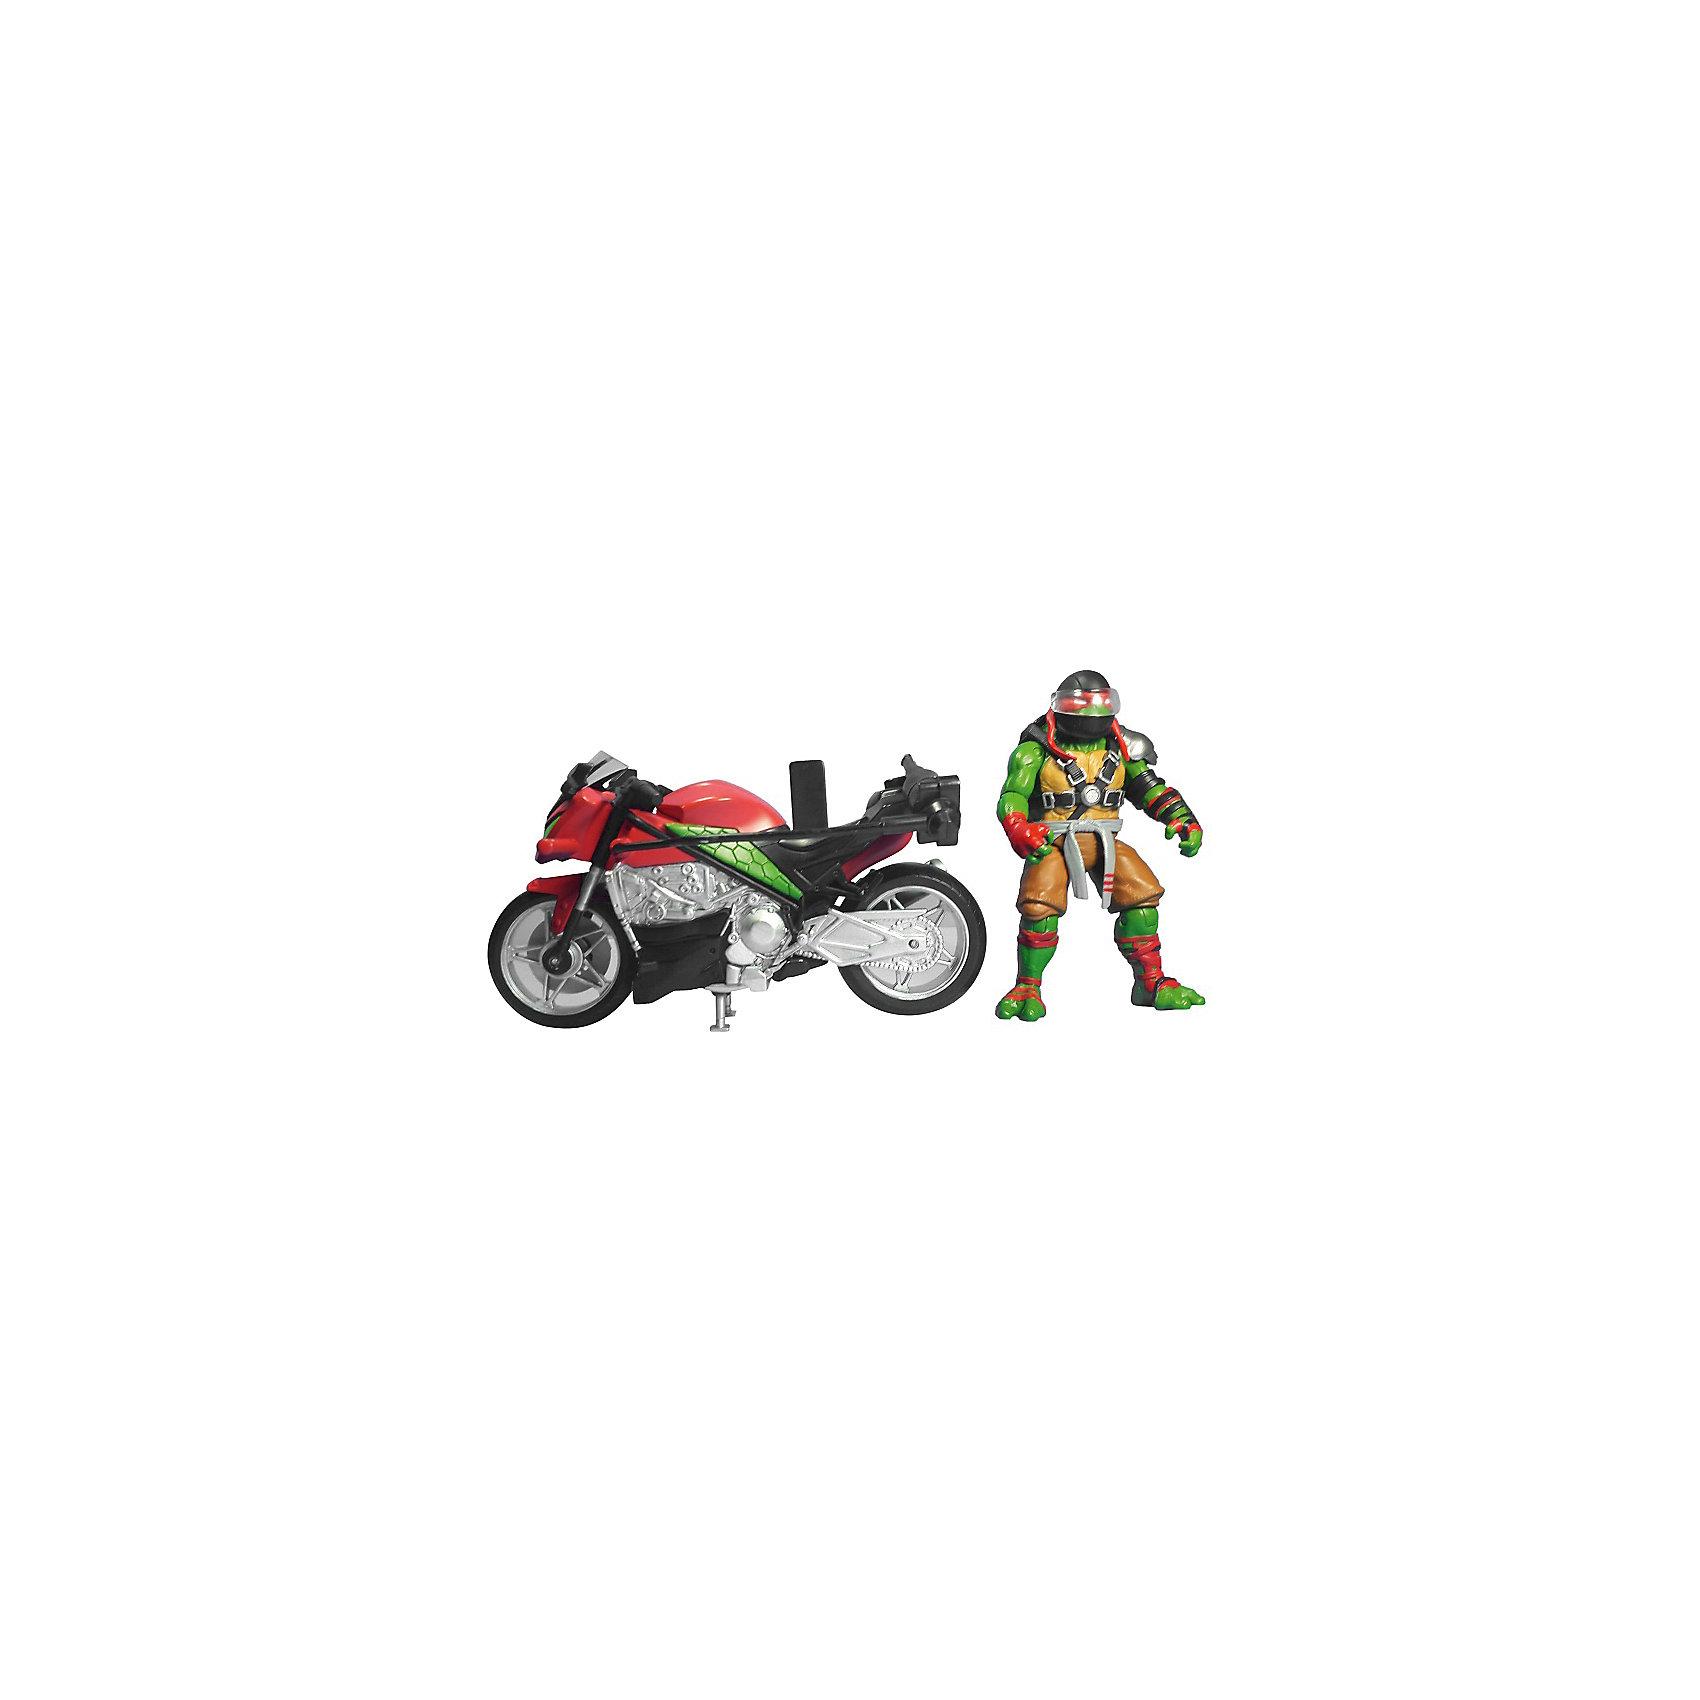 Мотоцикл с фигуркой Рафа, Черепашки НиндзяКоллекционные и игровые фигурки<br>Мотоцикл с фигуркой Рафа, Черепашки Ниндзя, Movie Line, станет отличным подарком для всех юных поклонников популярного мультсериала Черепашки Ниндзя. Отважные черепашки-мутанты, владеющие боевыми искусствами, переживают невероятные приключения, спасая мир от злодеев. В комплекте Вы найдете мотоцикл, фигурку Рафа и его оружие. Суперскоростной мотоцикл выполнен с высокой степенью детализации и обладает секретом - при нажатии на кнопку фигурка Рафа совершает кувырок в воздухе. Рафаэль - самый агрессивный и решительный из братьев черепашек, он всегда предпочитает действовать. Фигурка Рафа раскрашена в соответствии с экранным образом героя, руки и ноги подвижные, в кисти рук можно вложить оружие - два кинжала саи. <br><br>Дополнительная информация:<br><br>- В комплекте: мотоцикл, фигурка Рафа, оружие.<br>- Материал: пластик.<br>- Высота фигурки: 11 см.<br>- Размер упаковки: 32,5 x 19,4 x 10,5 см.  <br>- Вес: 0,638 кг. <br><br>Мотоцикл с фигуркой Рафа, Черепашки Ниндзя, Movie Line, можно купить в нашем интернет-магазине.<br><br>Ширина мм: 325<br>Глубина мм: 194<br>Высота мм: 105<br>Вес г: 638<br>Возраст от месяцев: 36<br>Возраст до месяцев: 144<br>Пол: Мужской<br>Возраст: Детский<br>SKU: 4657957